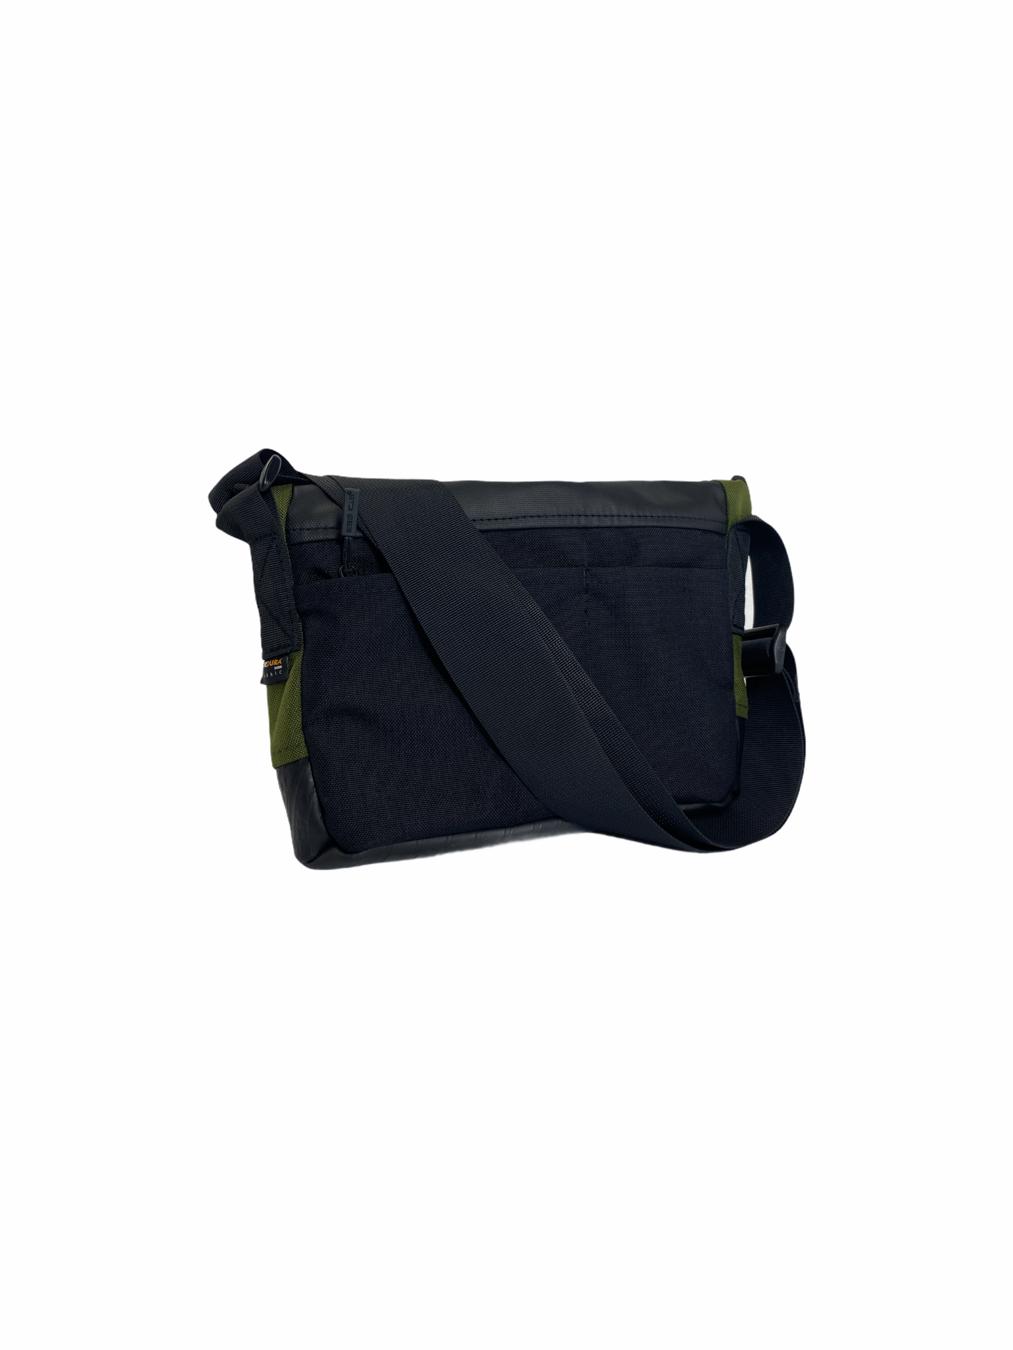 Kevin Messenger Bag (Olive)